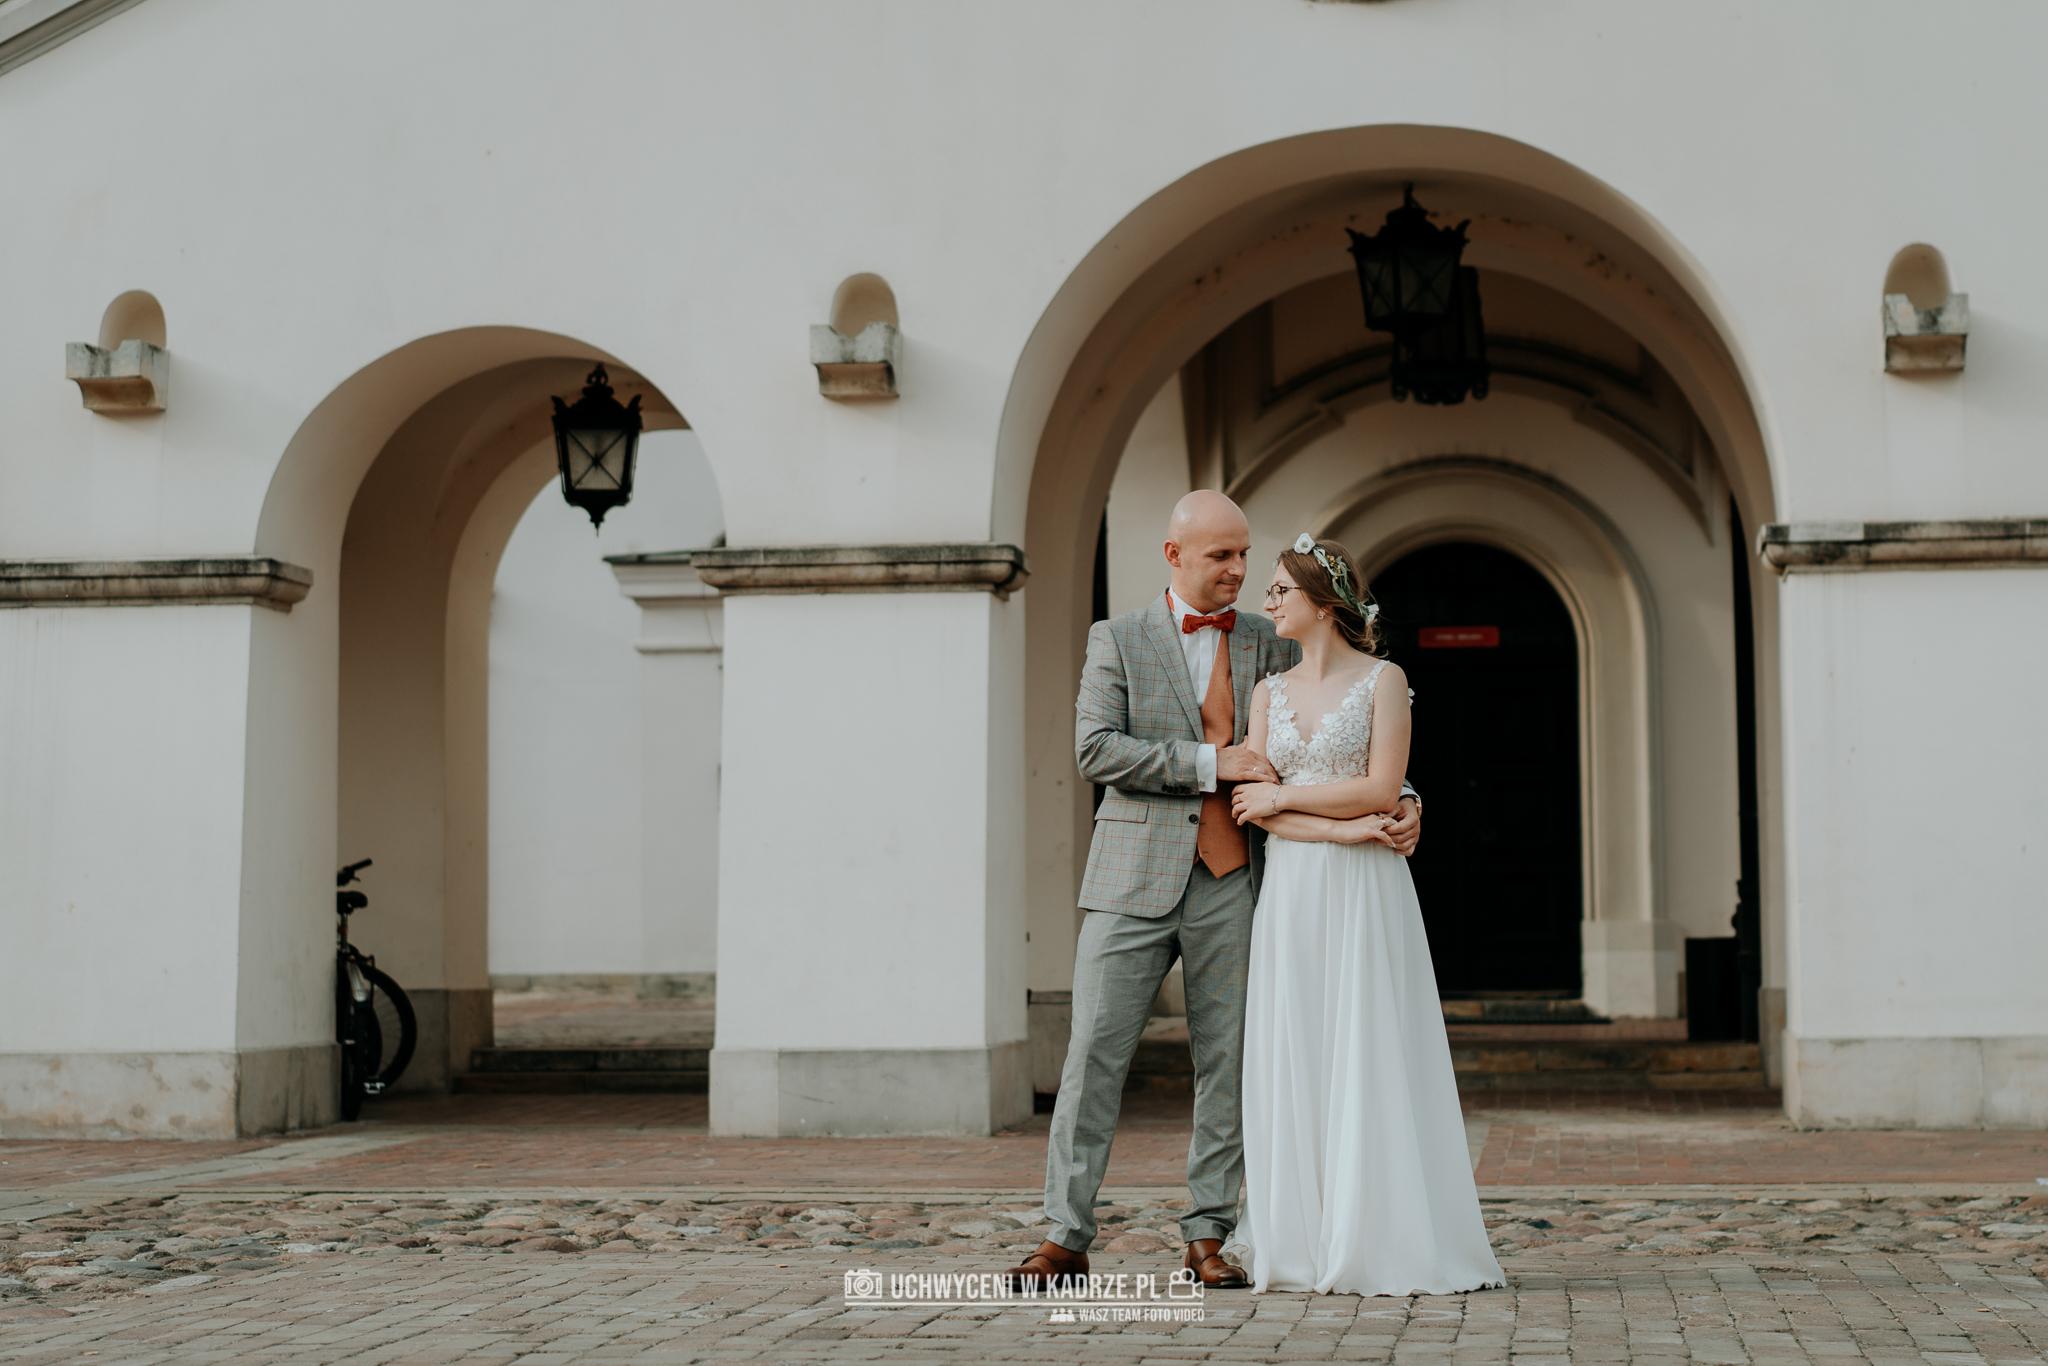 Iza Bartek Sesja slubna Zamosc 57 - Sesja Ślubna - Zamość | Iza & Bartek